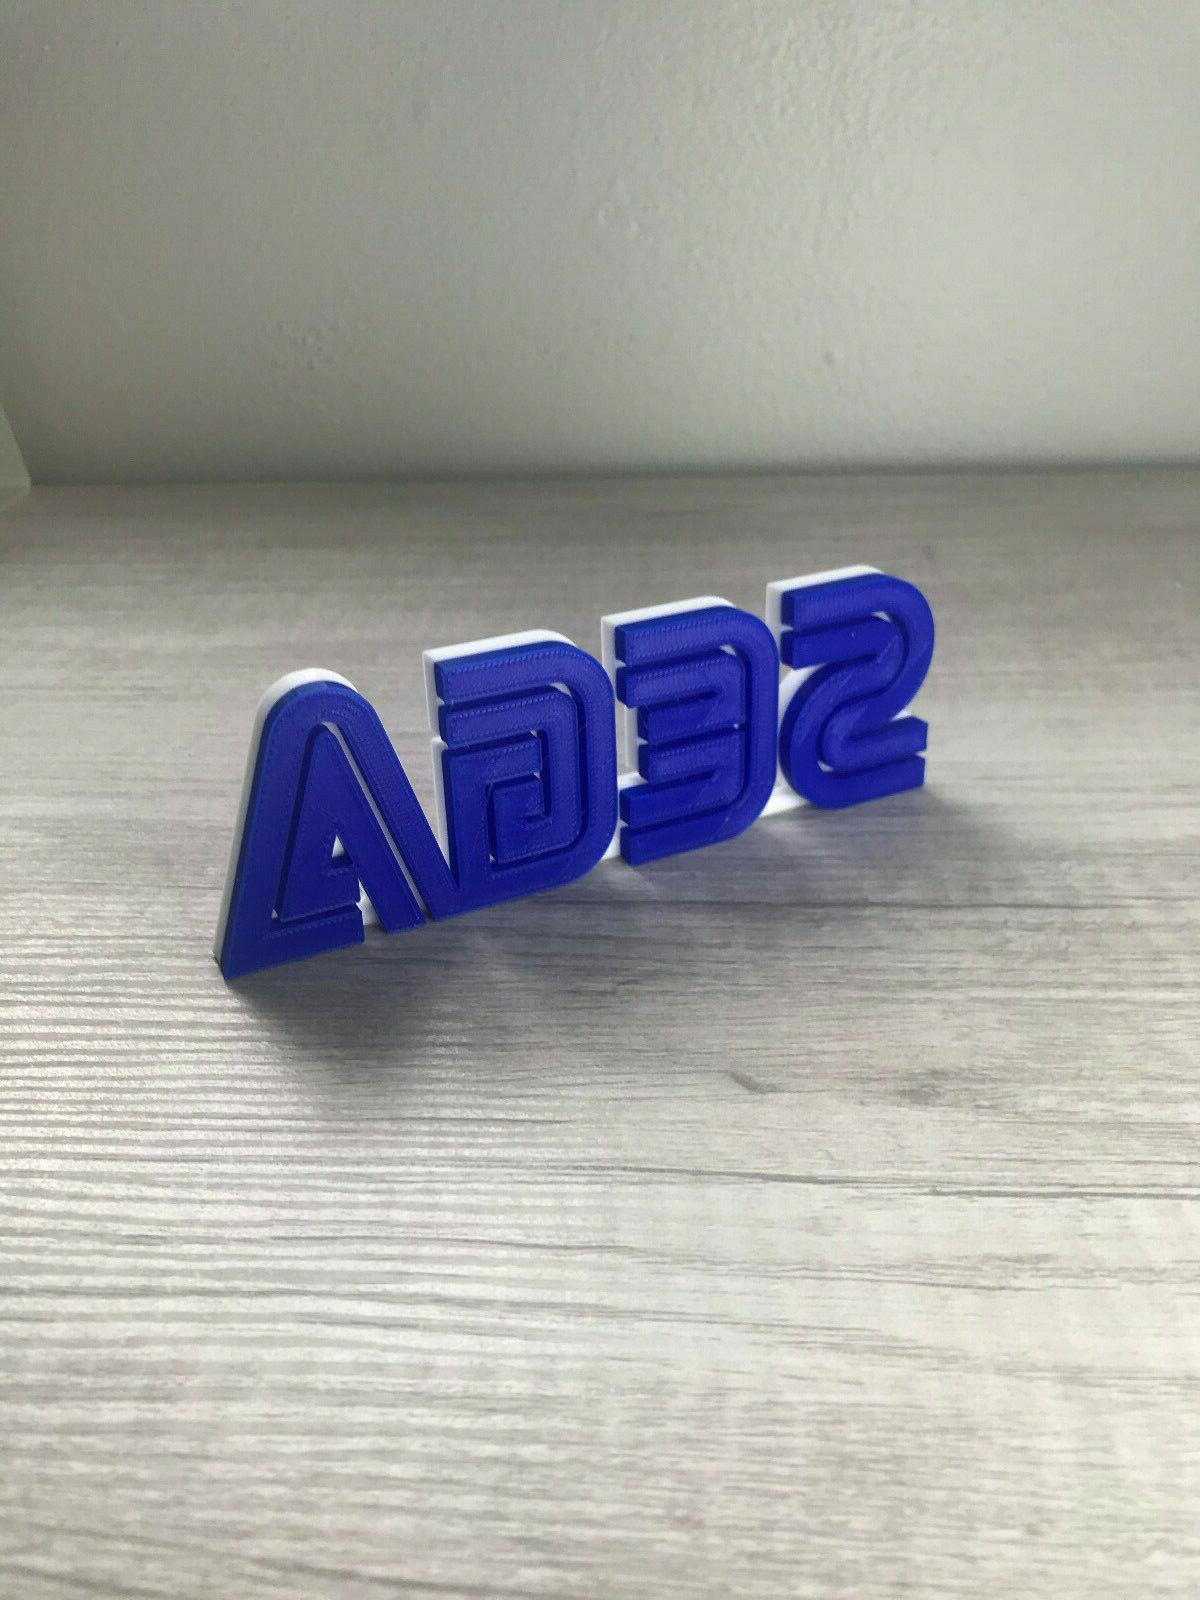 sega video game logo sign 3d printed